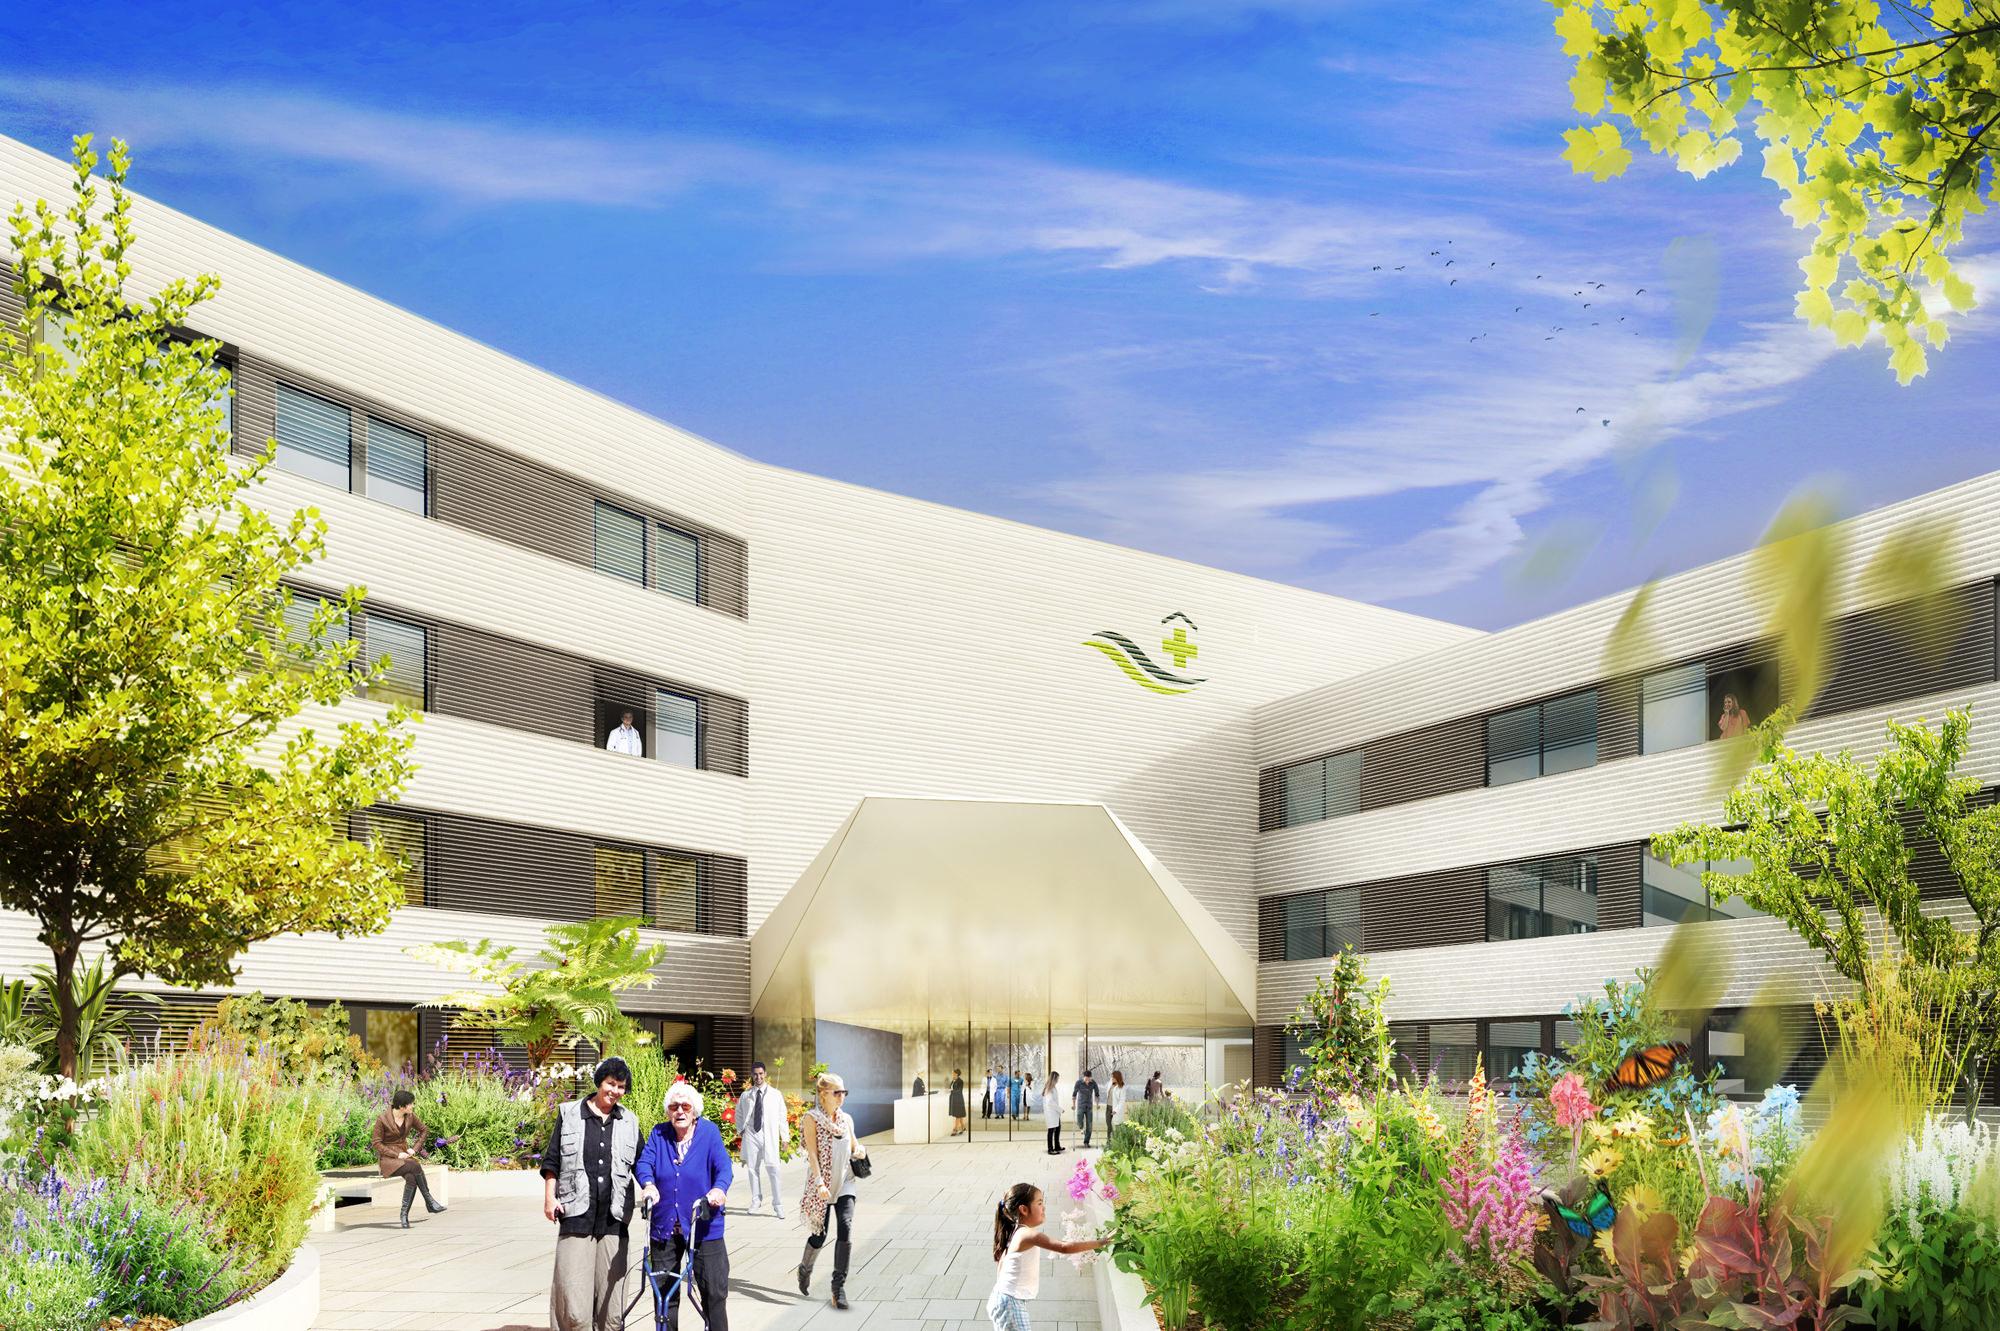 krankenhaus_radebeul_01_umbau_sanierung_junger_beer_architektur